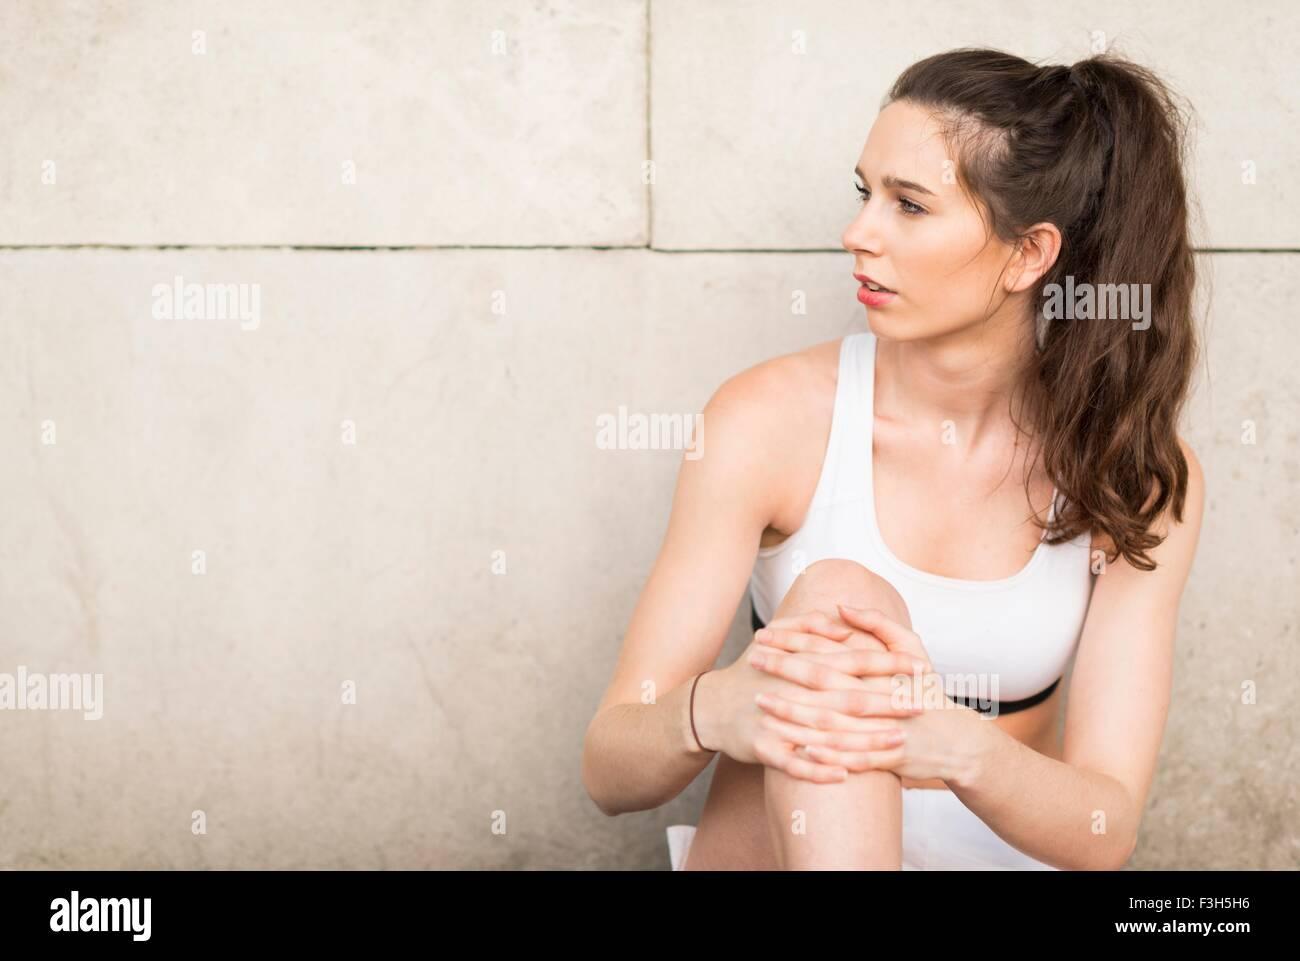 Corredoras jóvenes contra la pared inclinada mirando lateralmente Imagen De Stock